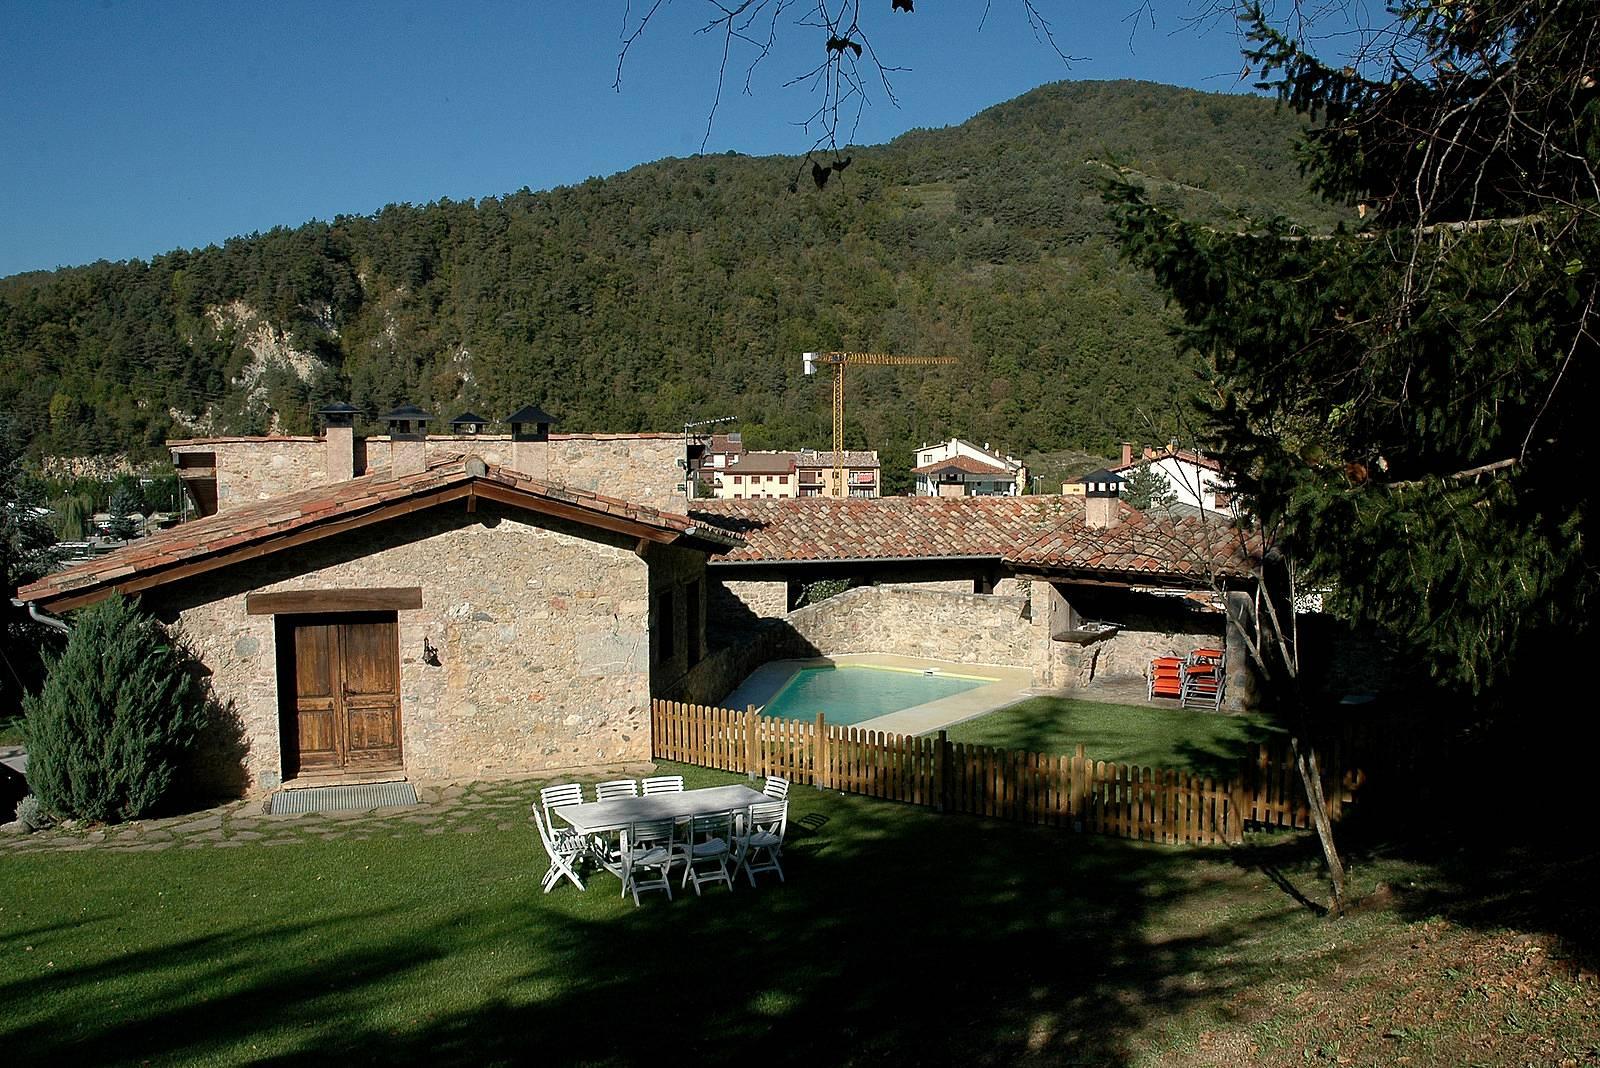 Alquiler vacaciones apartamentos y casas rurales en girona gerona catalu a - Alquiler casa rural cataluna ...